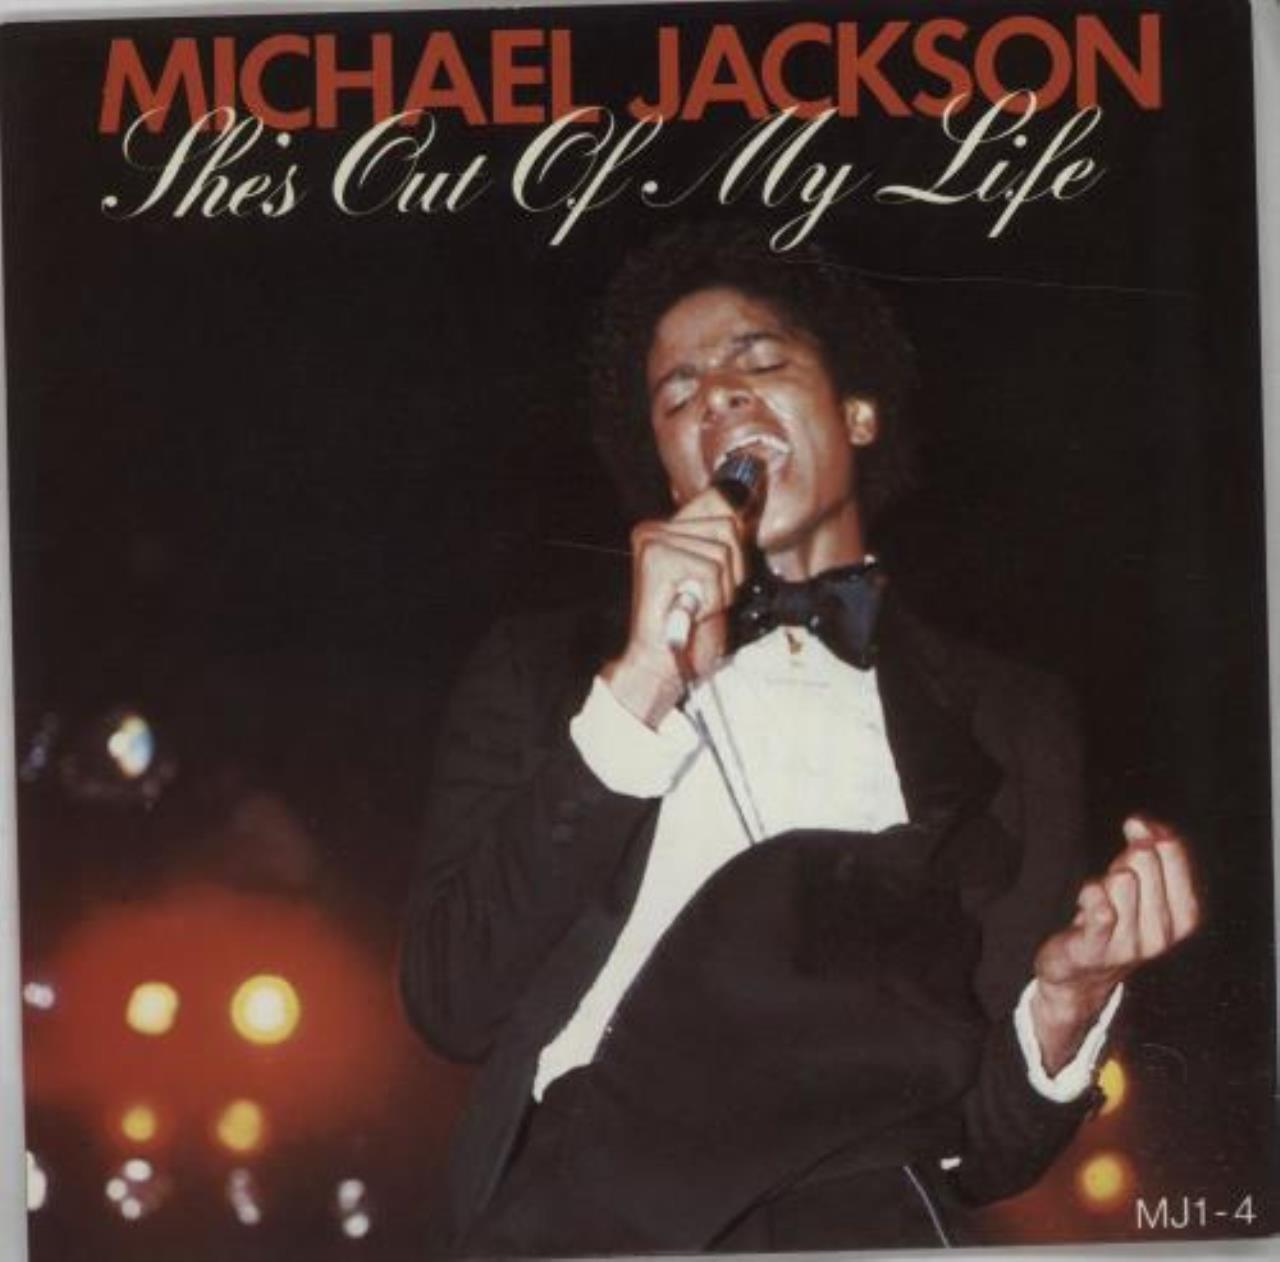 Michael Jackson: Souvenir Singles by Epic